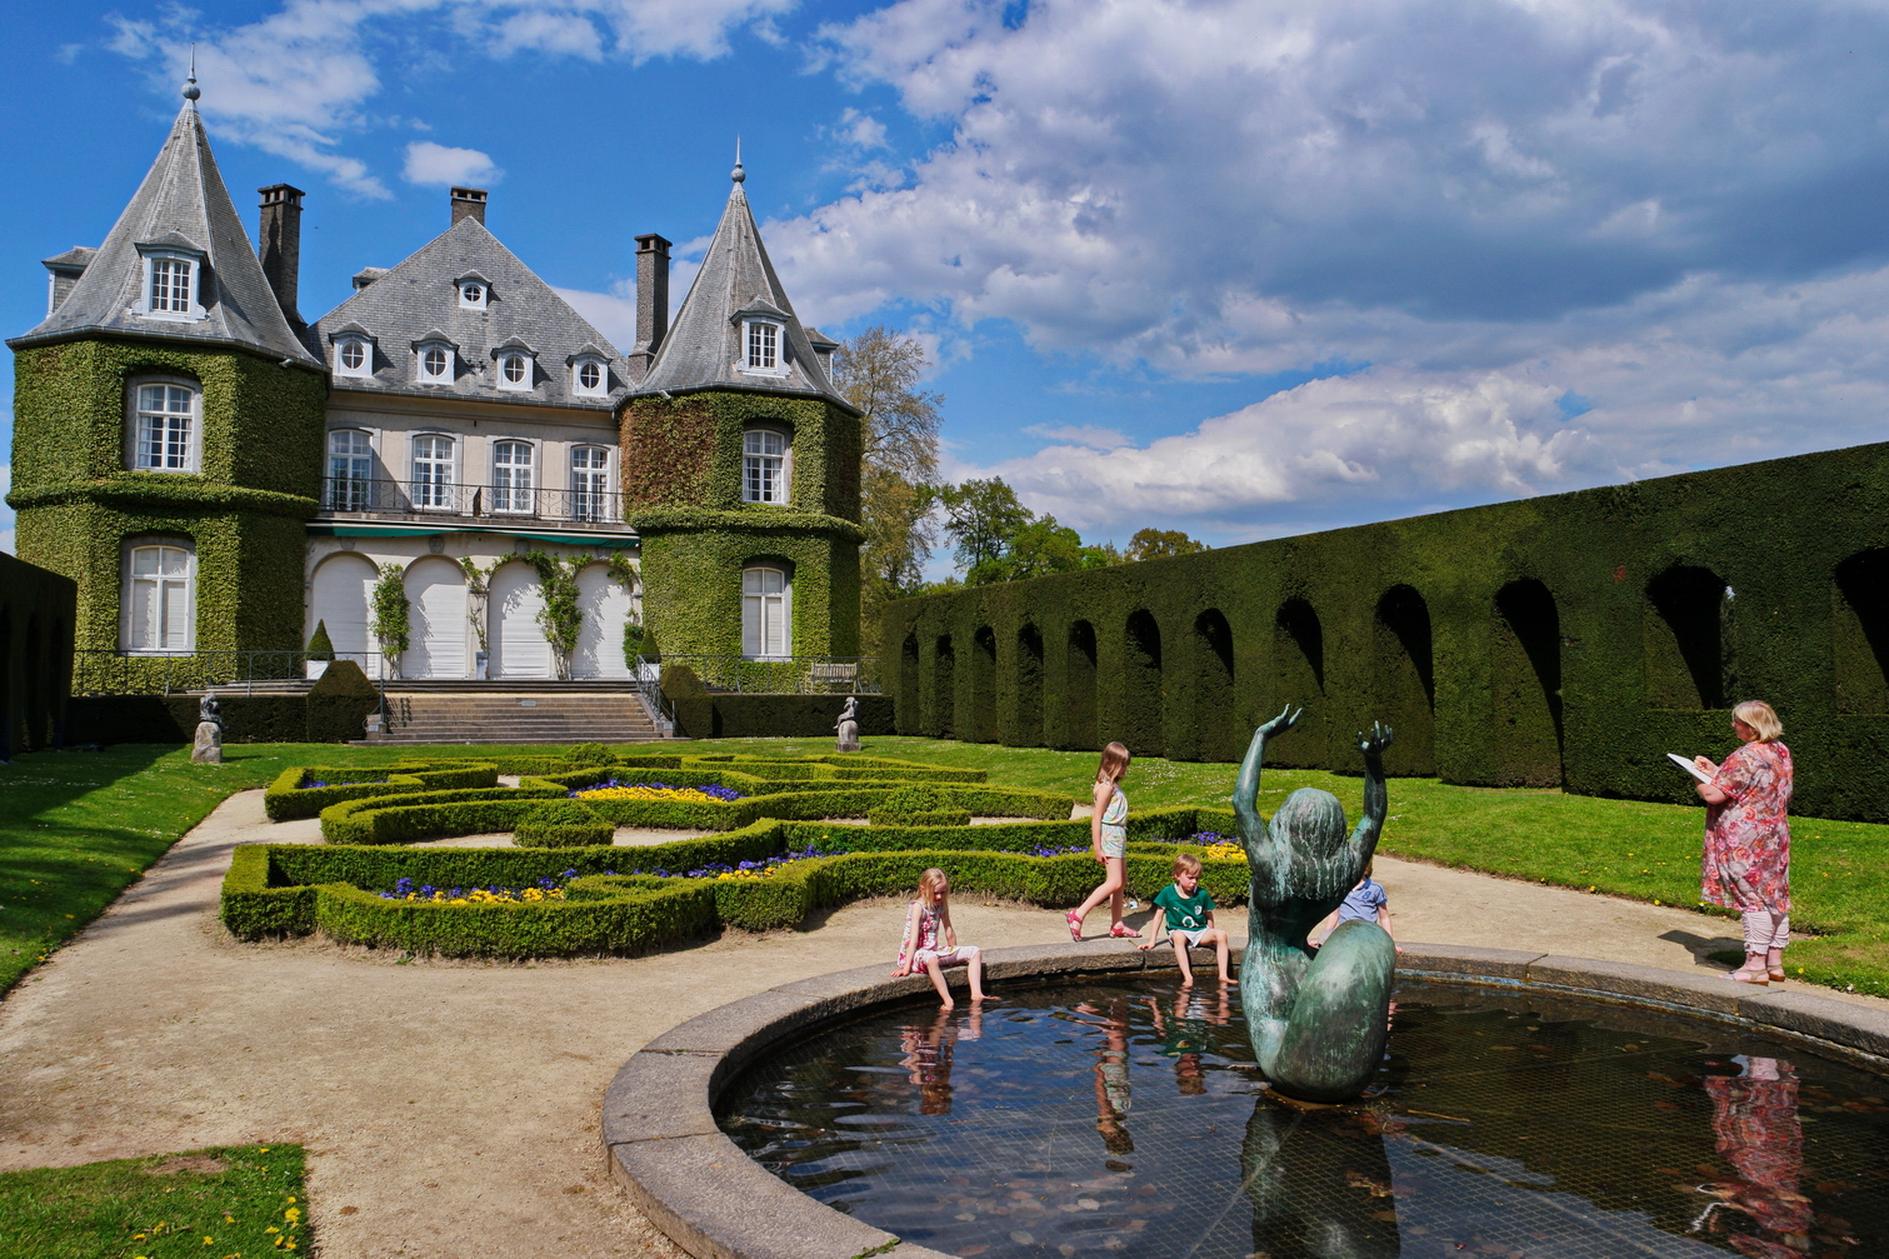 Laure_Van_De_Meele_dessinant_sur_site_le_Château_de_la_Hulpe_C